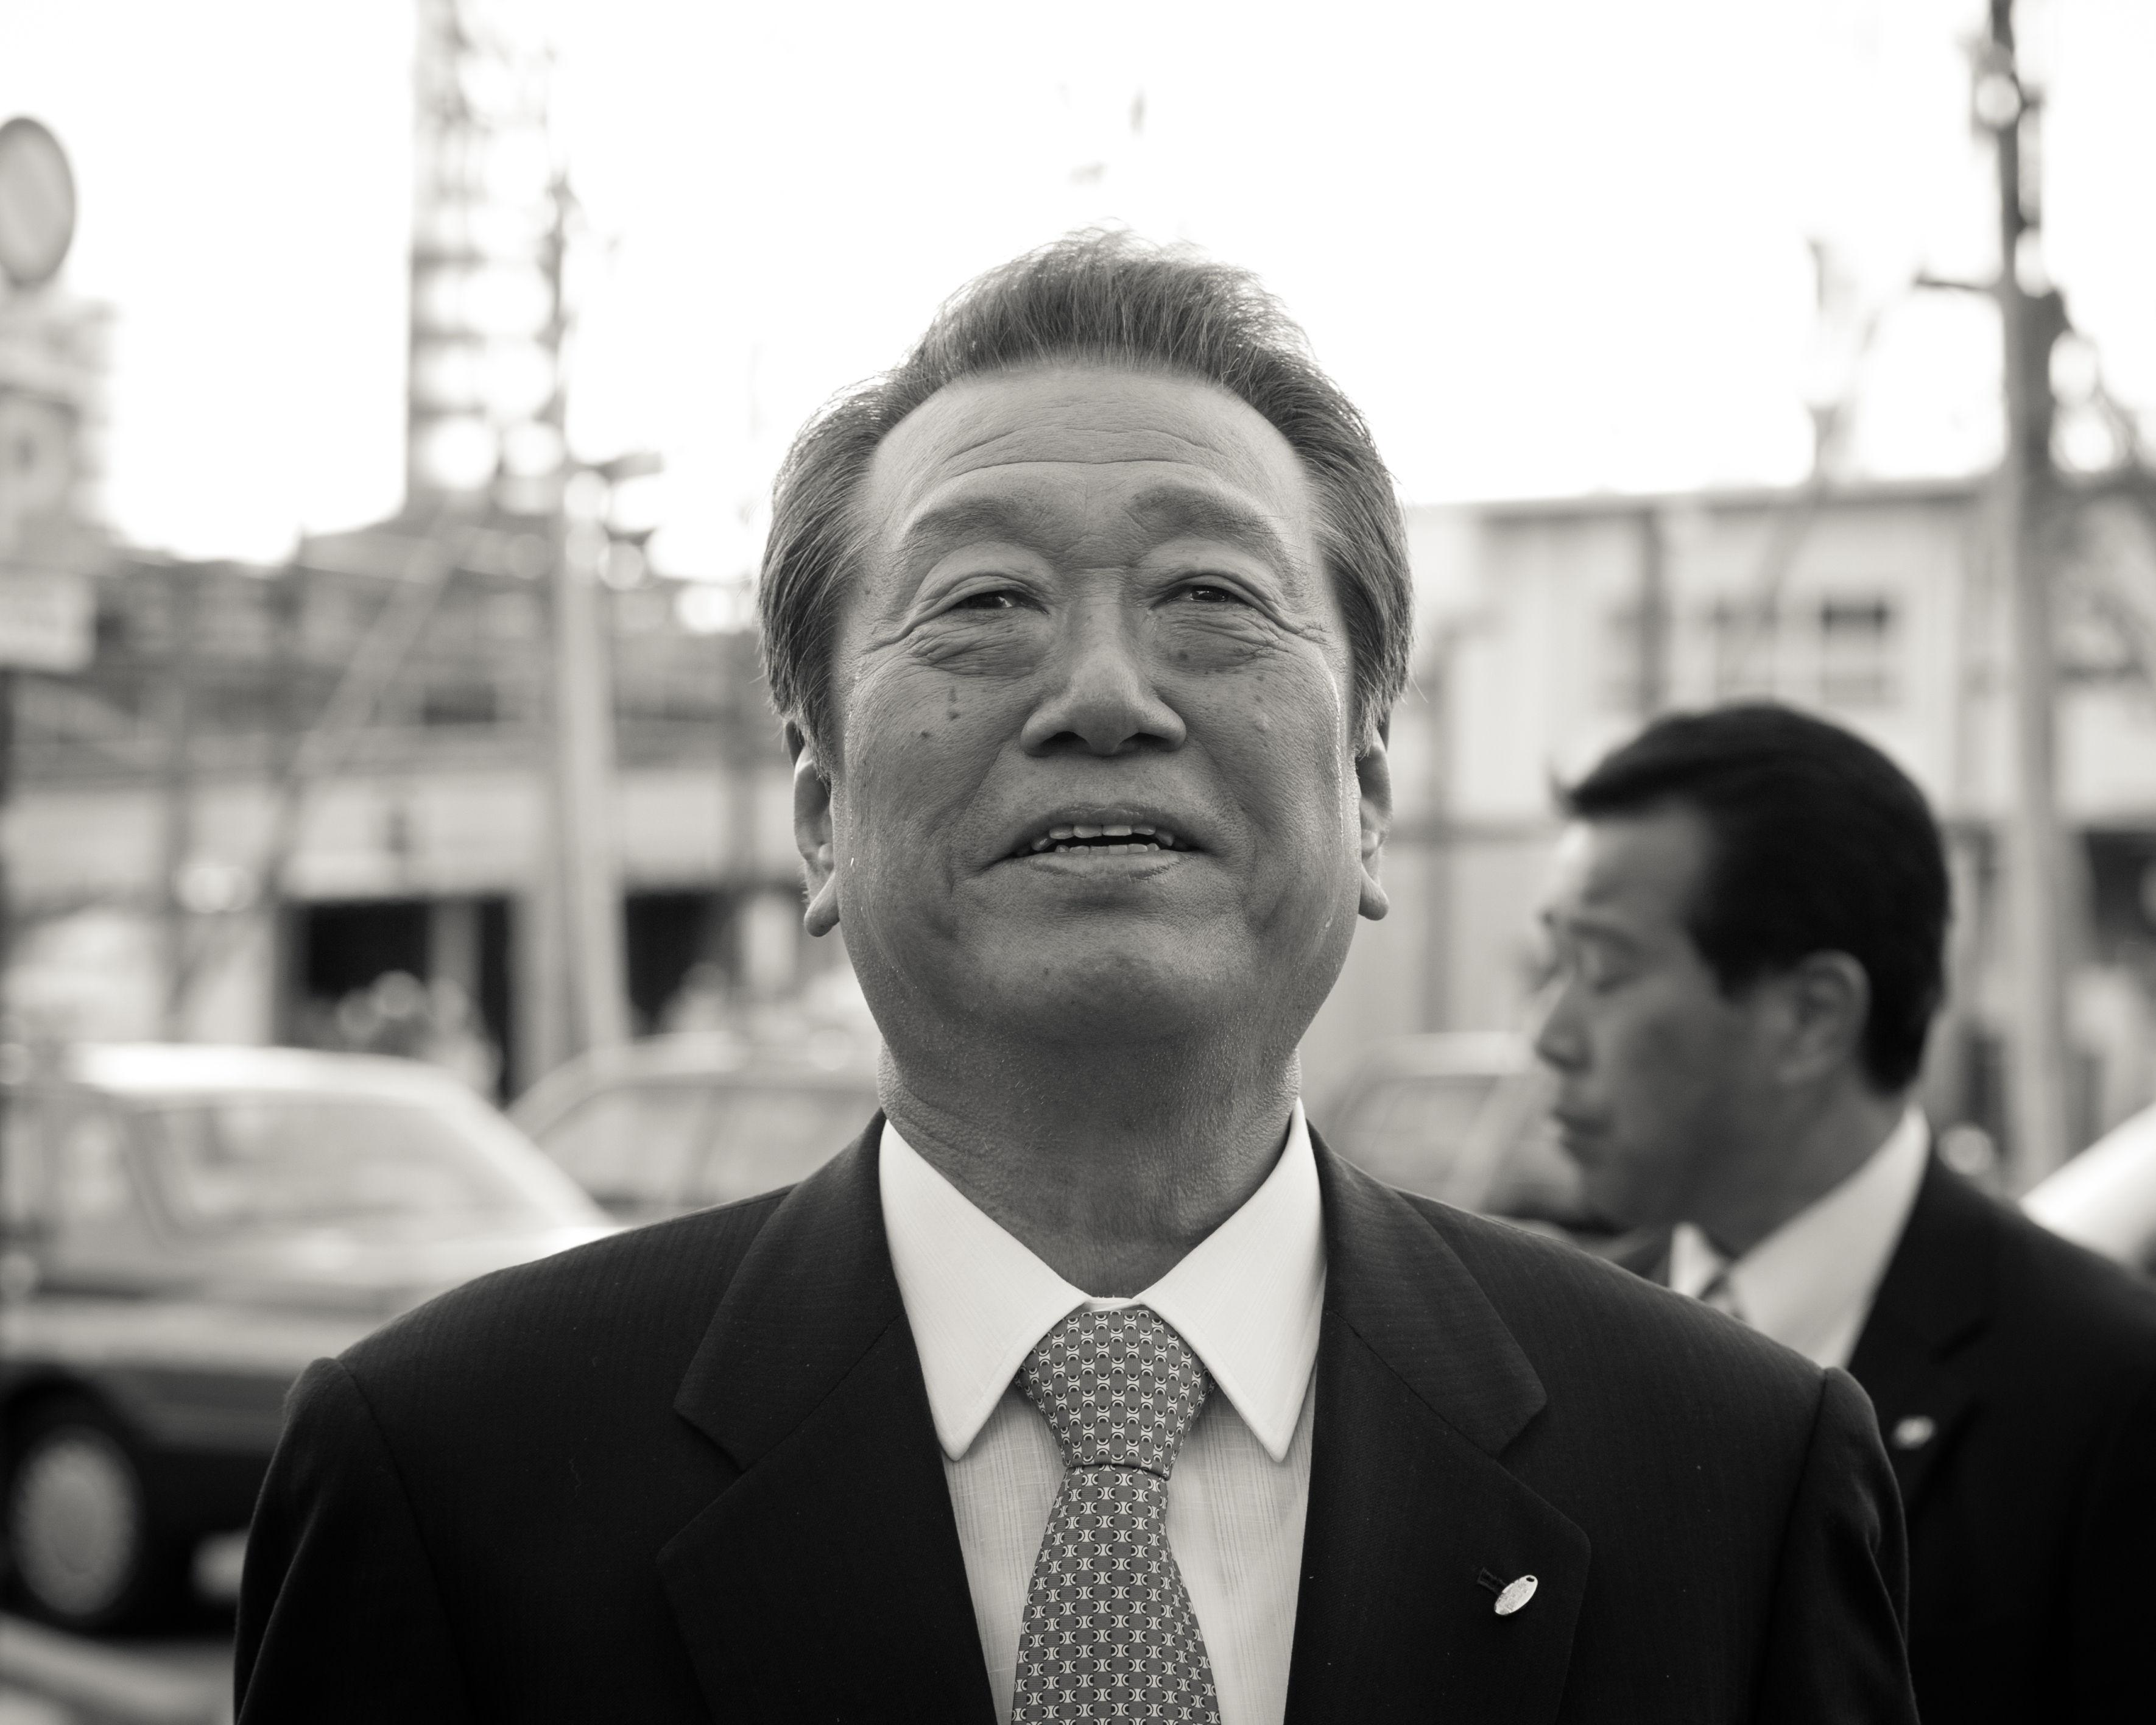 久々の街頭演説を終え感無量なのか。小沢氏の頬には一筋の光るものがあった。=写真:島崎ろでぃ撮影=